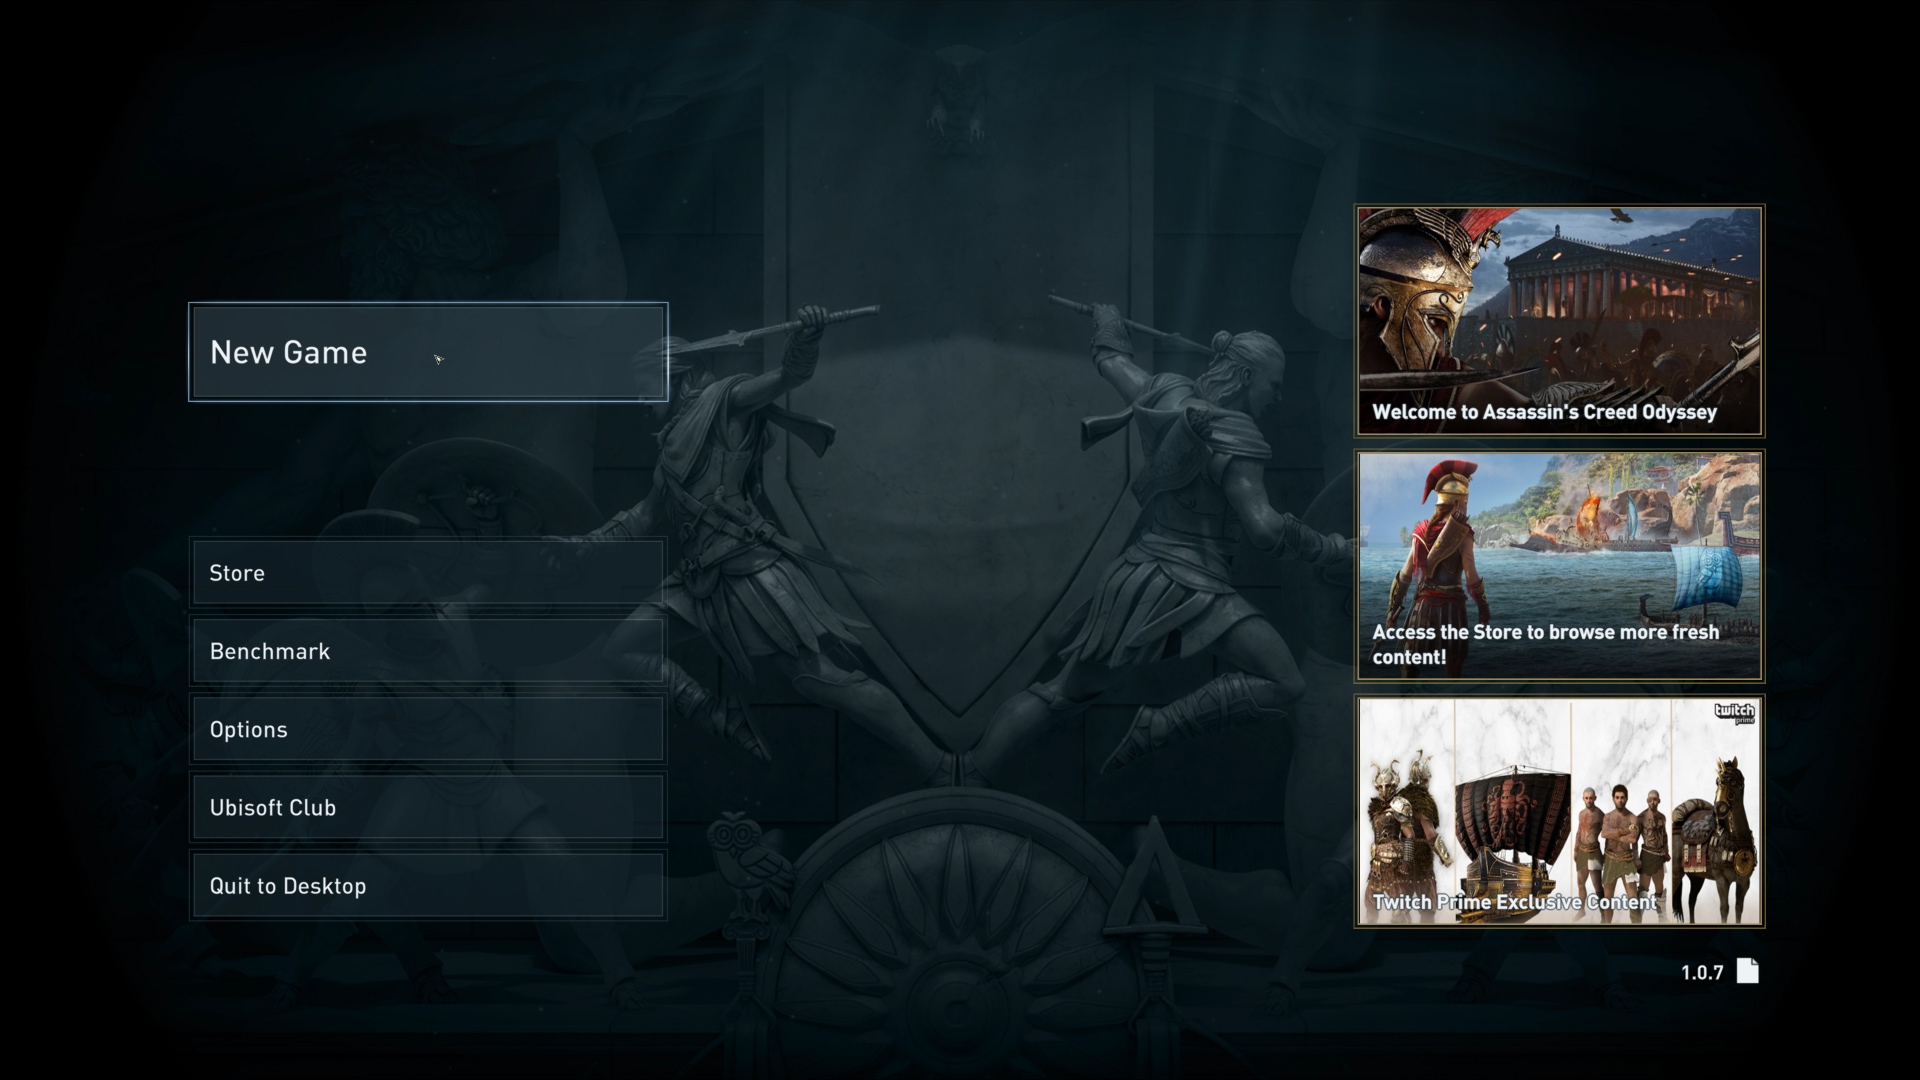 Assassin's Creed  Odyssey 2018.11.27 - 19.17.03.01.00_01_25_14.Still008.jpg